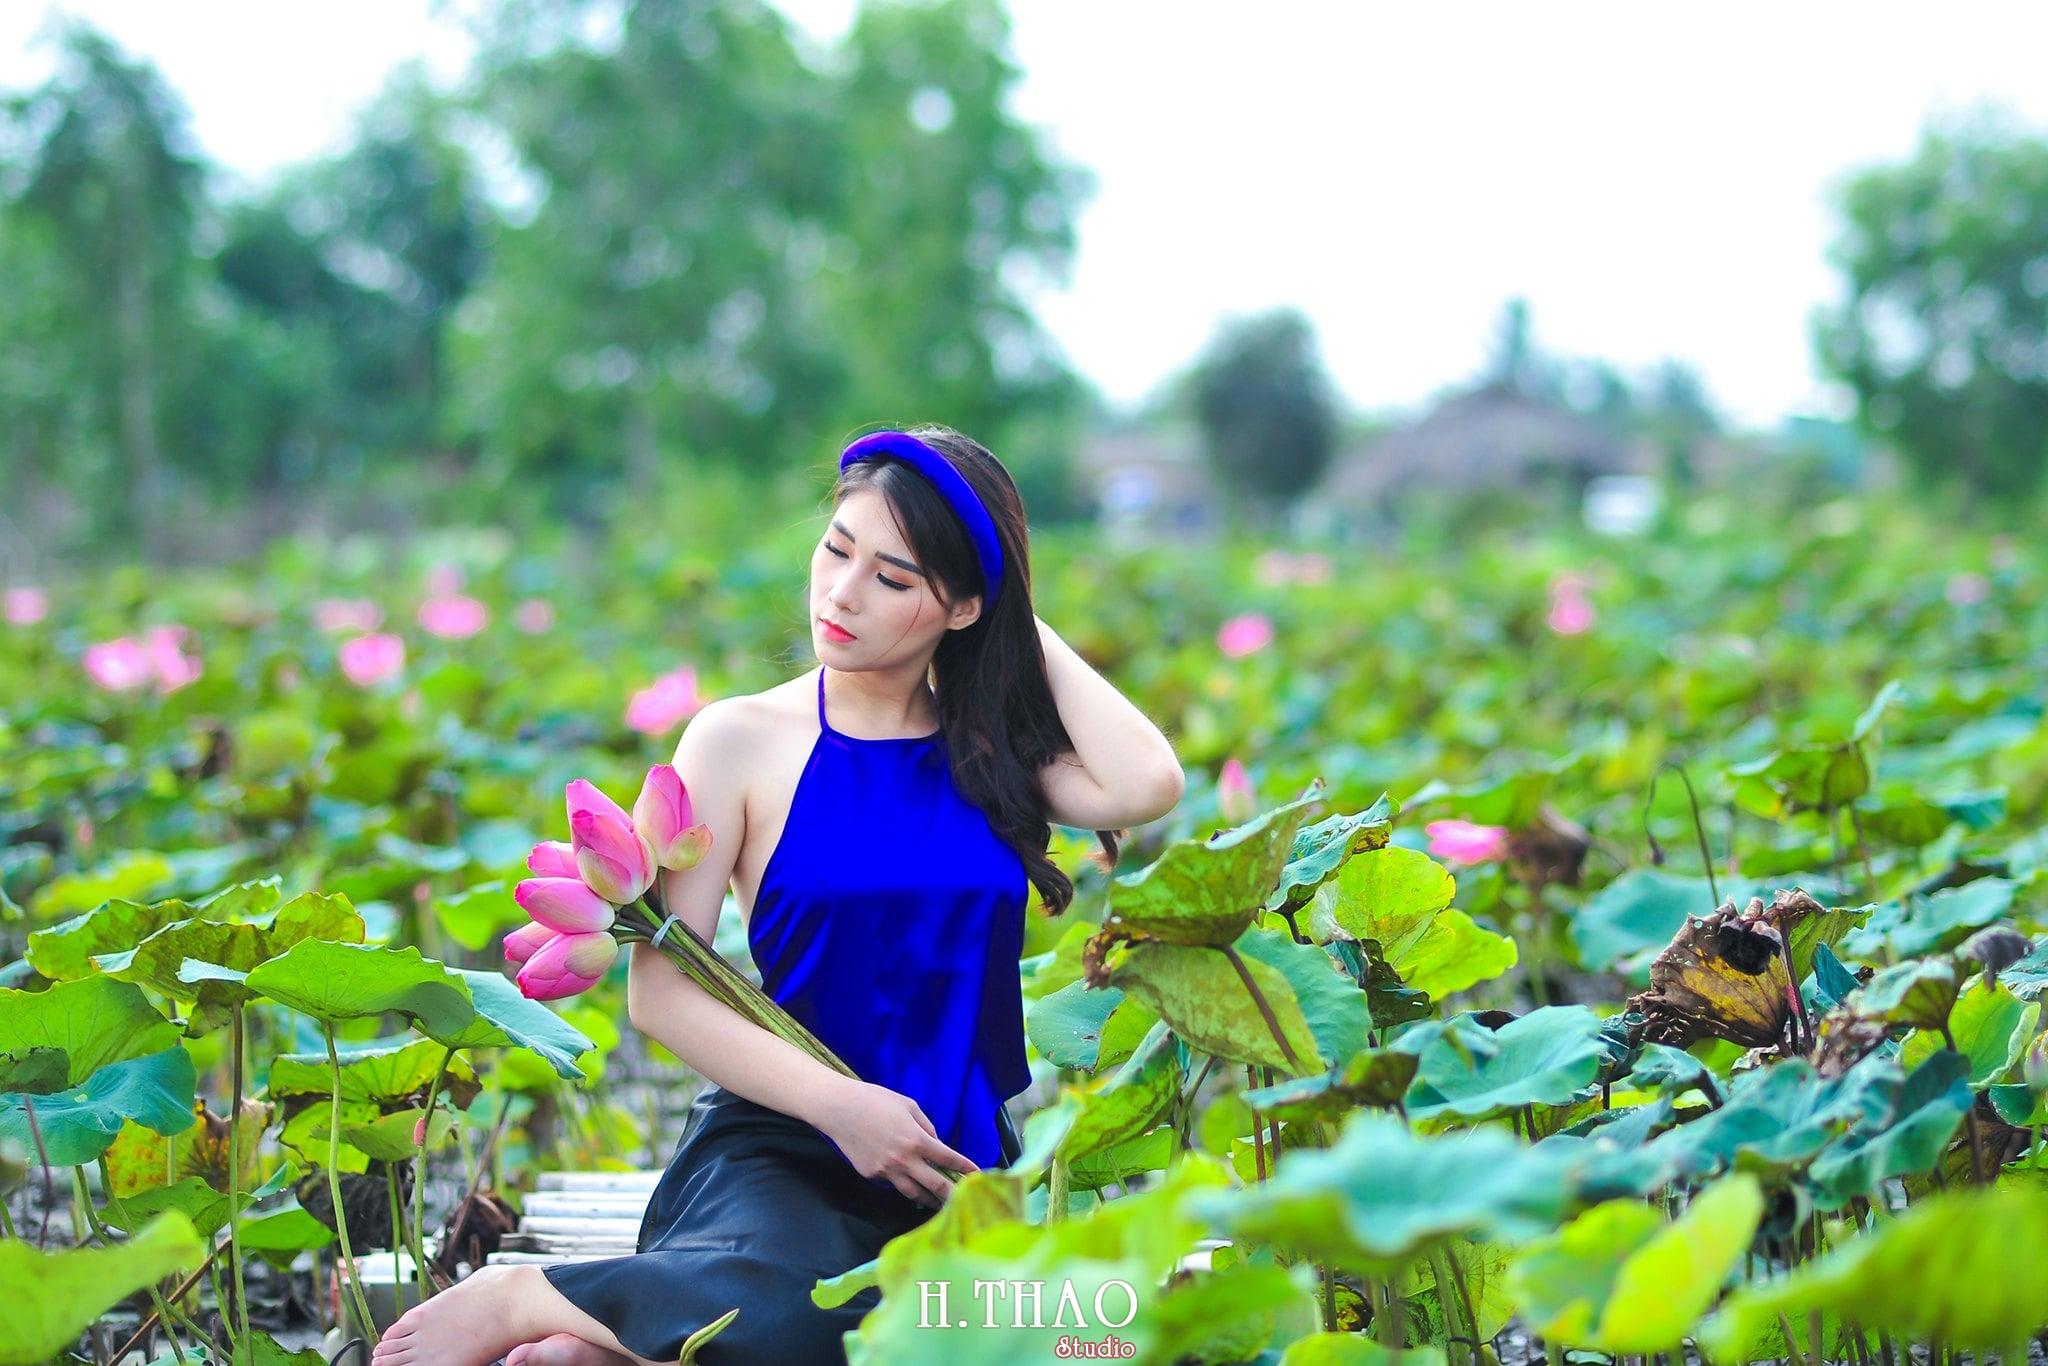 anh sen 4 - Bộ ảnh Sen với áo yếm đẹp nhẹ nhàng - HThao Studio